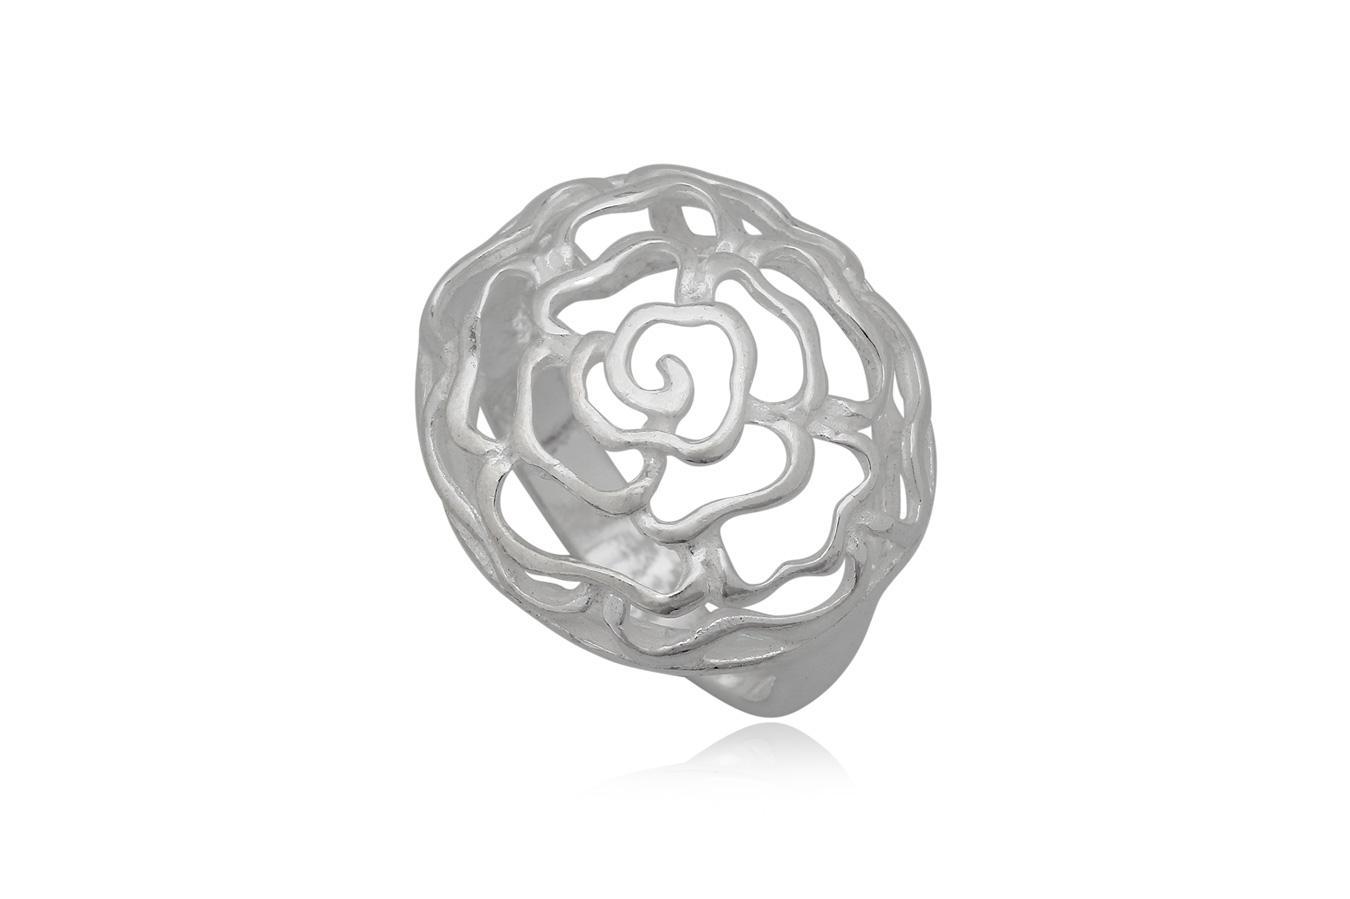 inel trandafir brodat in argint